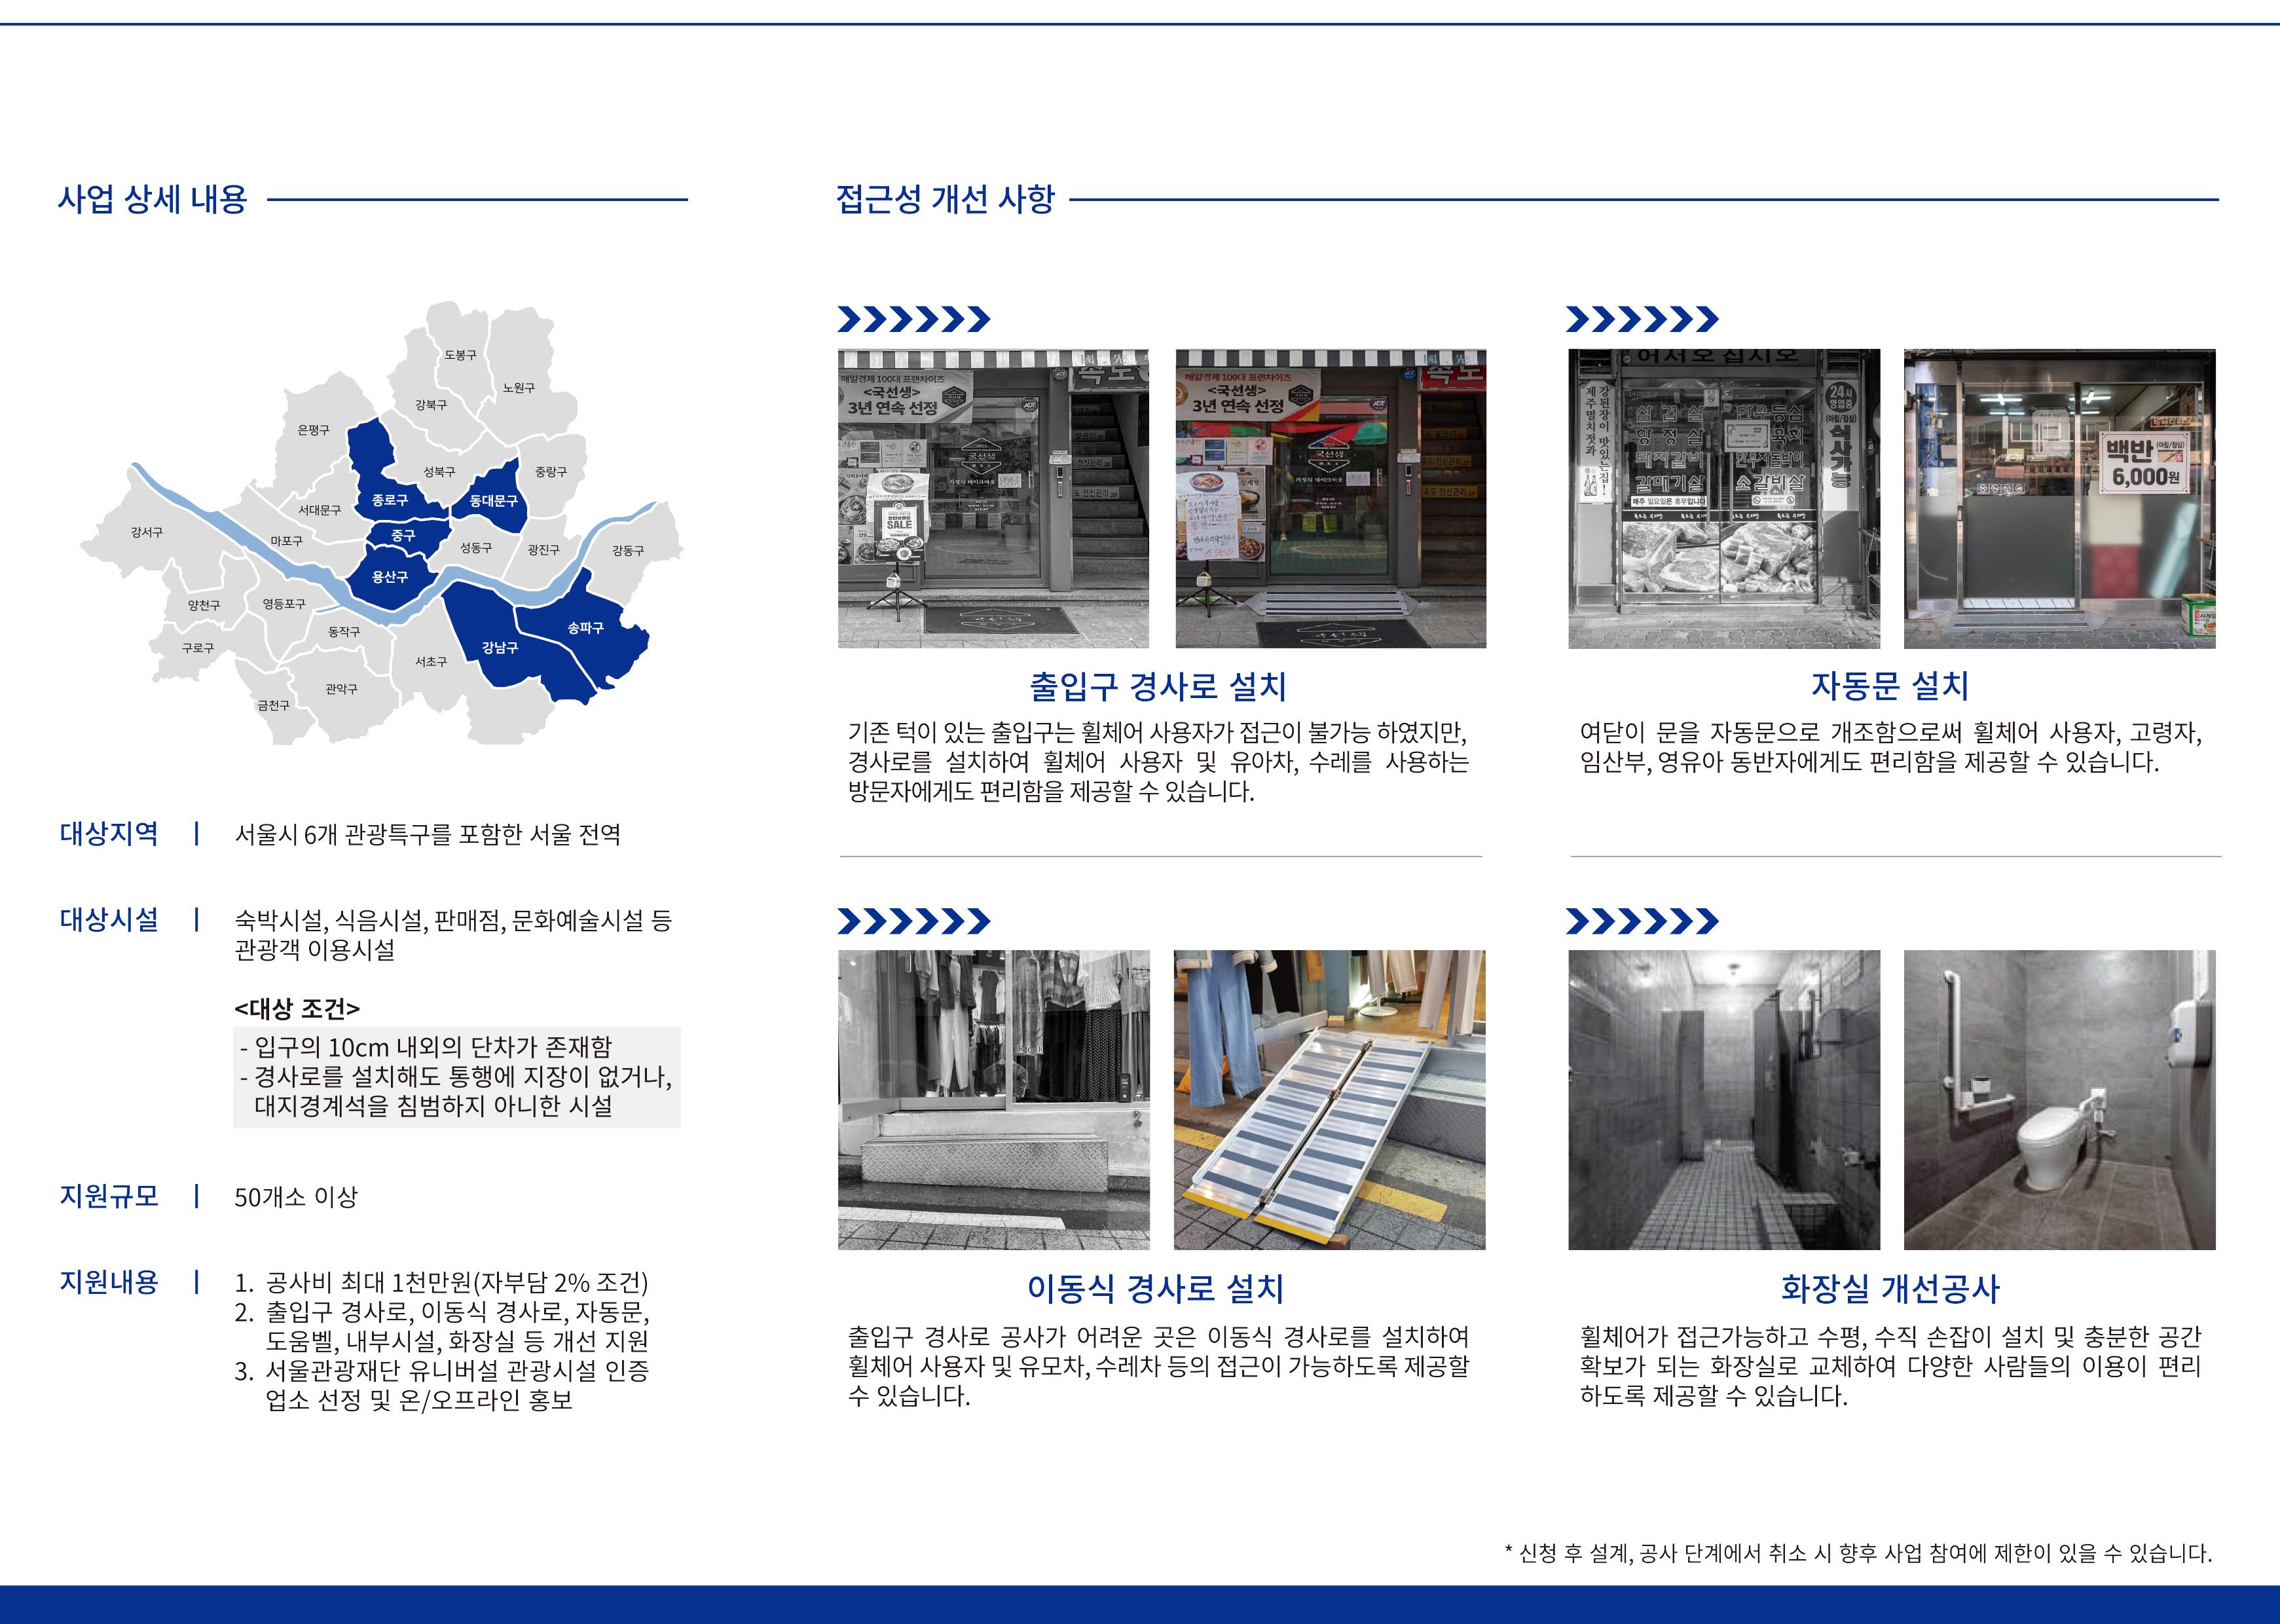 2021 관광약자를 위한 관광편의시설 접근성 개선사업 신청안내 리플릿 2페이지